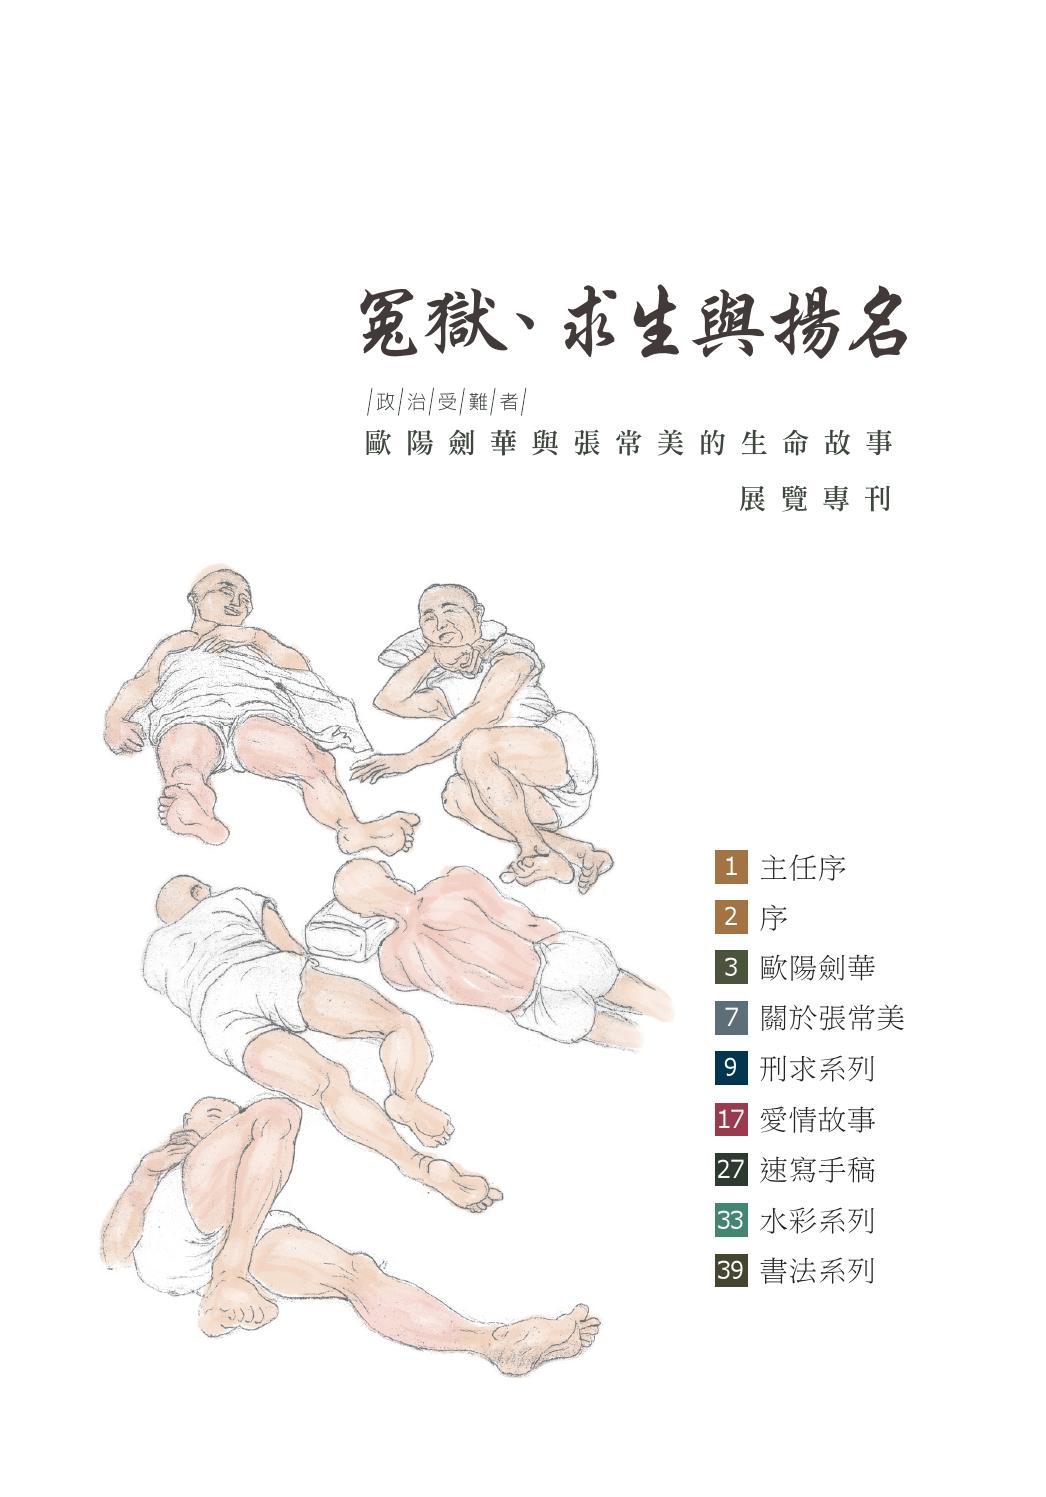 冤獄、求生與揚名.jpg